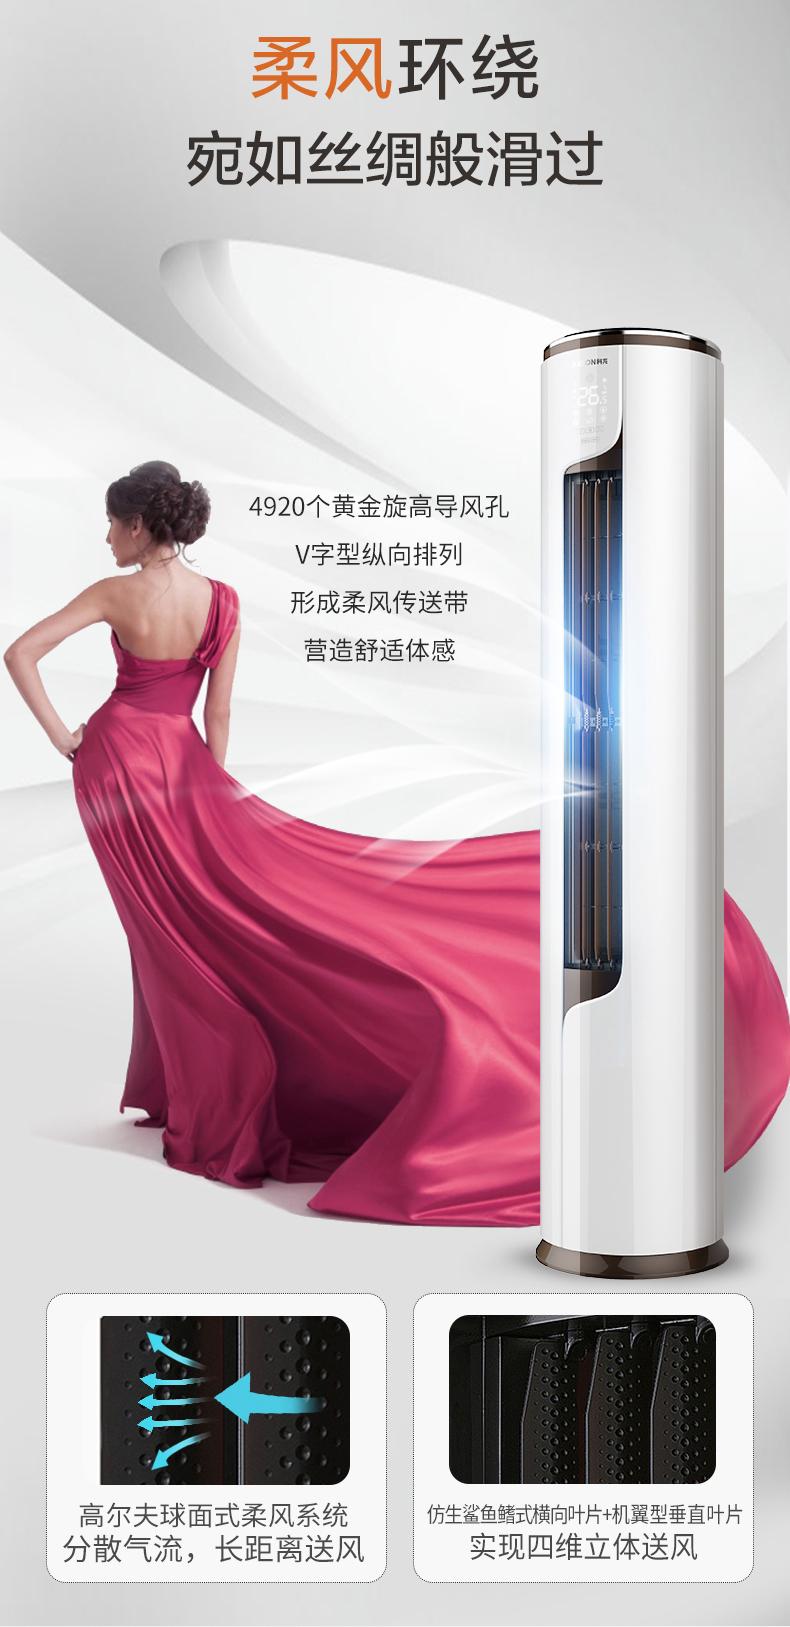 科龙(Kelon)3匹静美人圆柱立柜式静音定速冷暖柔风感客厅空调立式柜机KFR-72LW/LVN3(2N32)